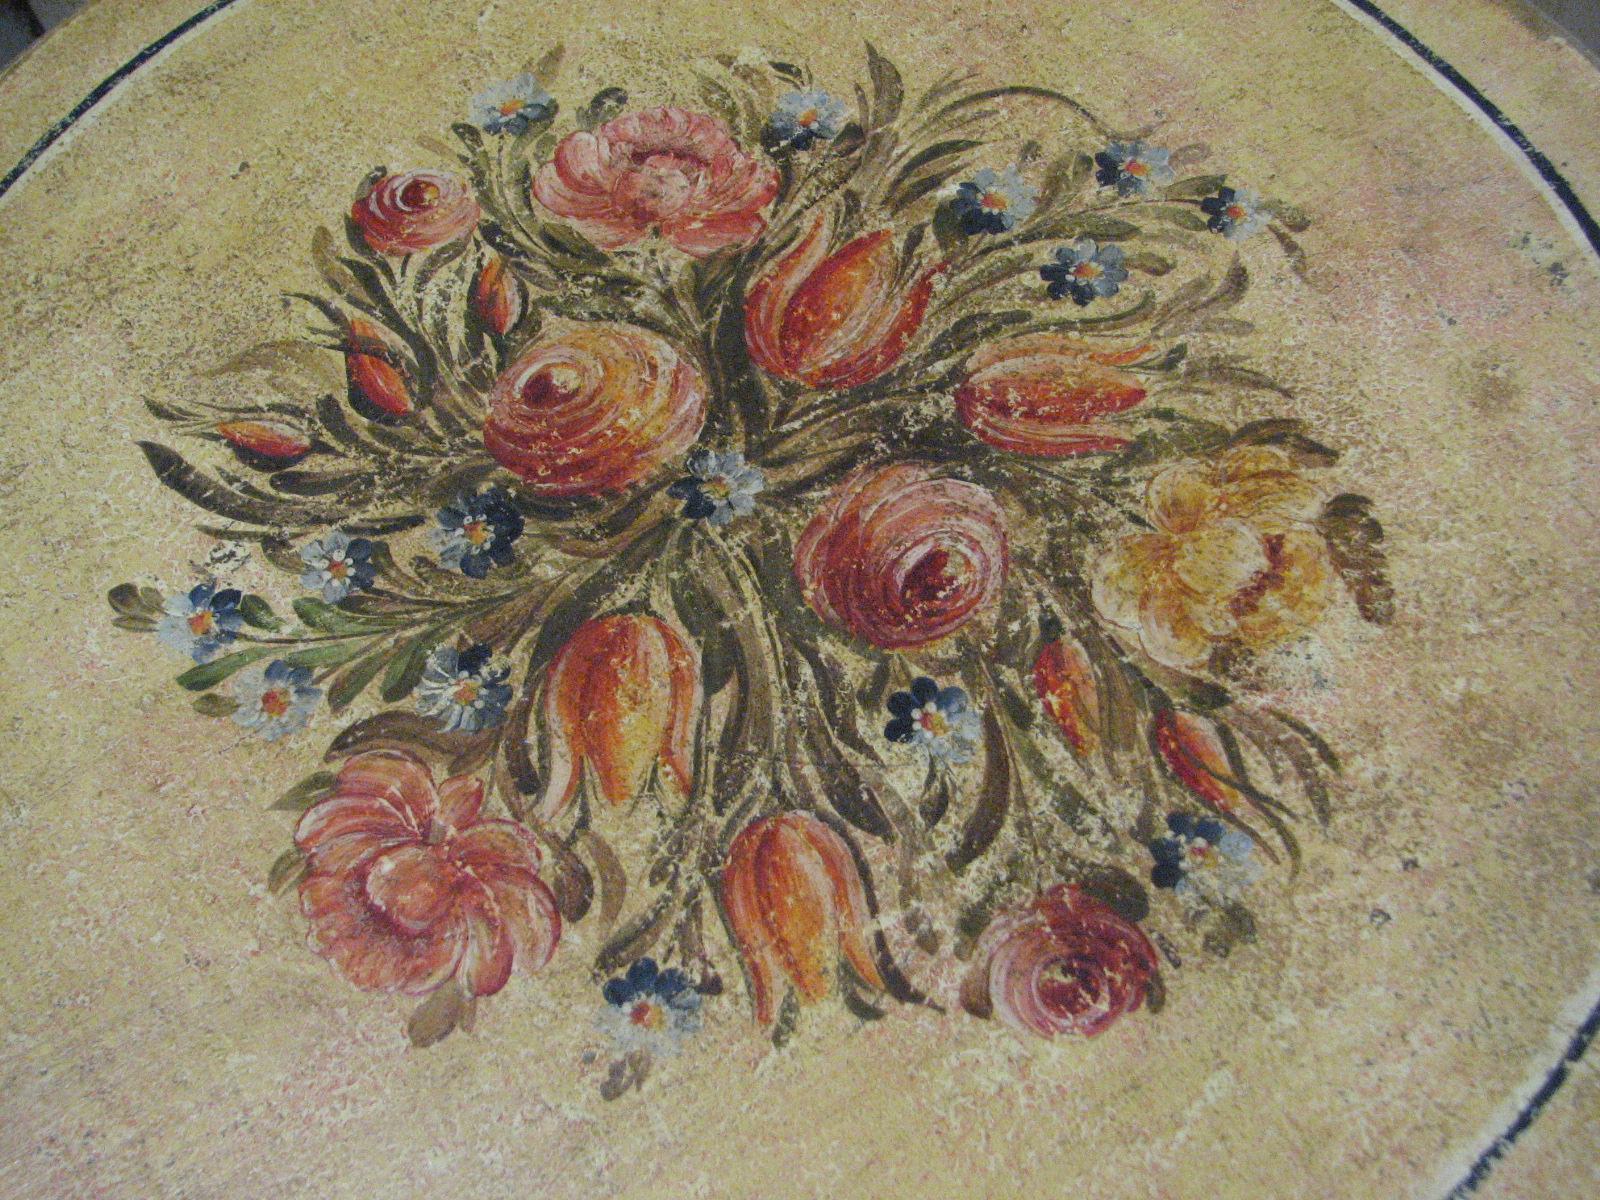 Květinový malovaný stolek na jedné noze ve žlutém odstínu 2